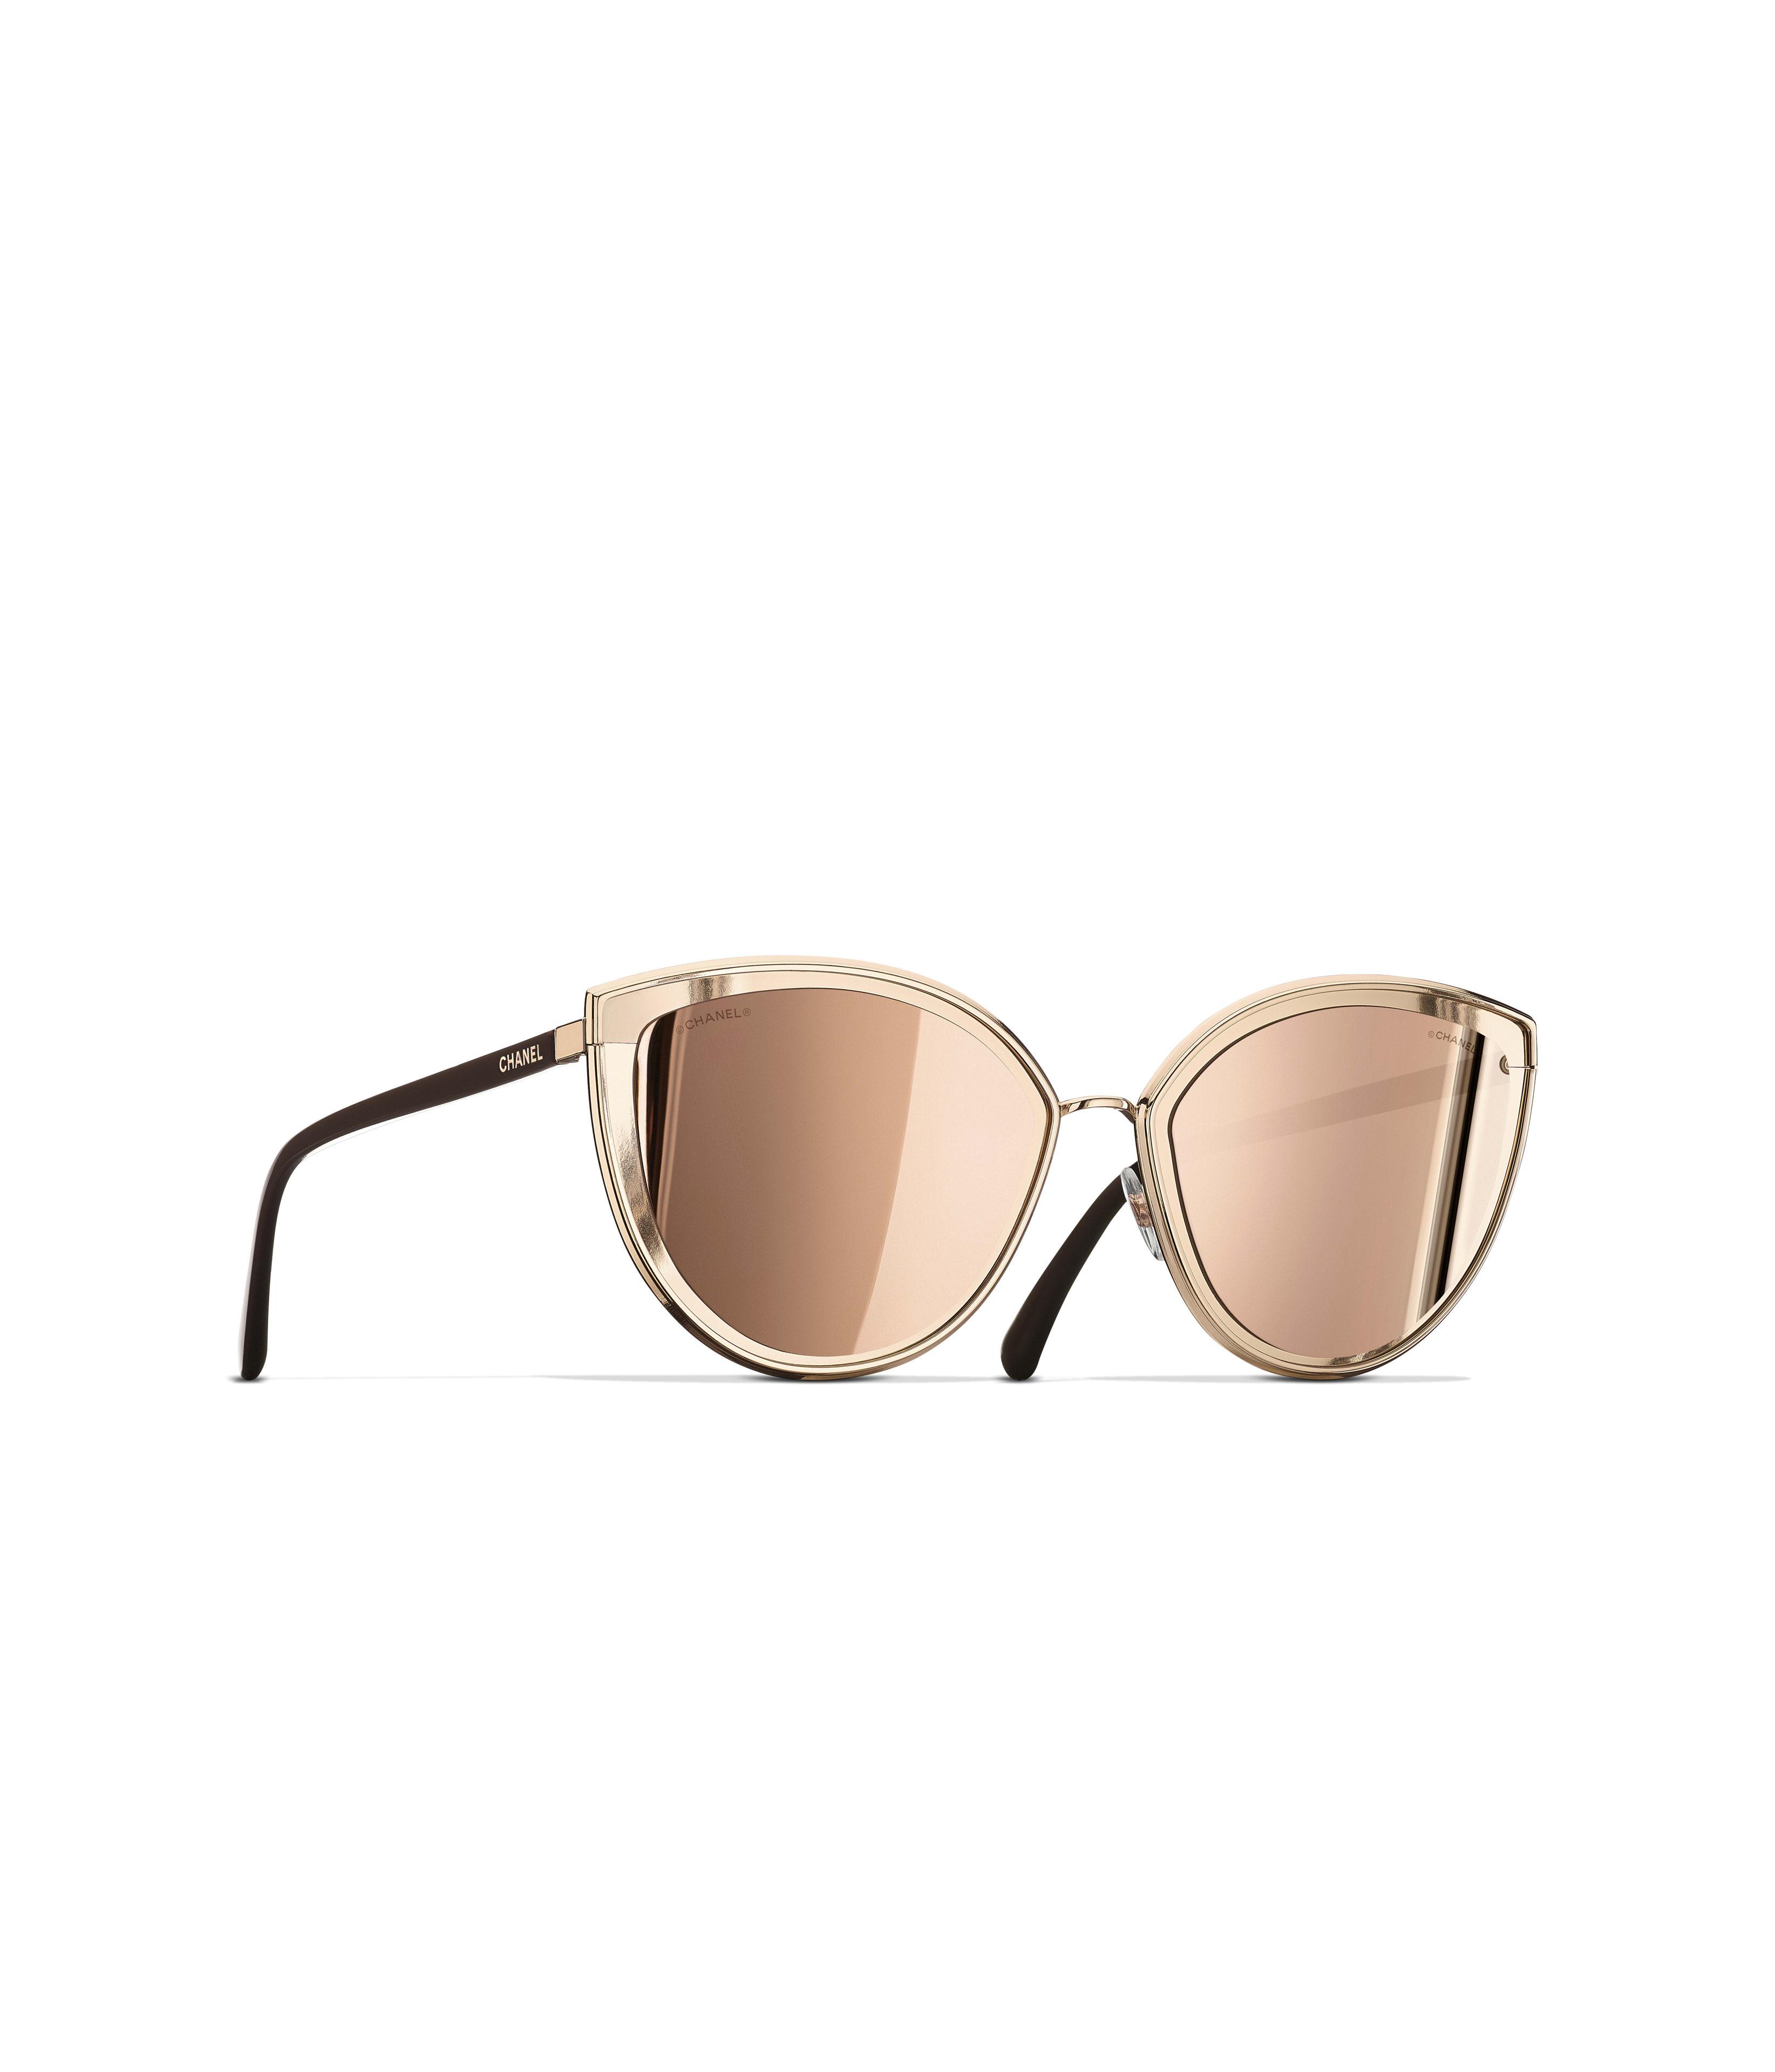 5497623afd Cat Eye Sunglasses